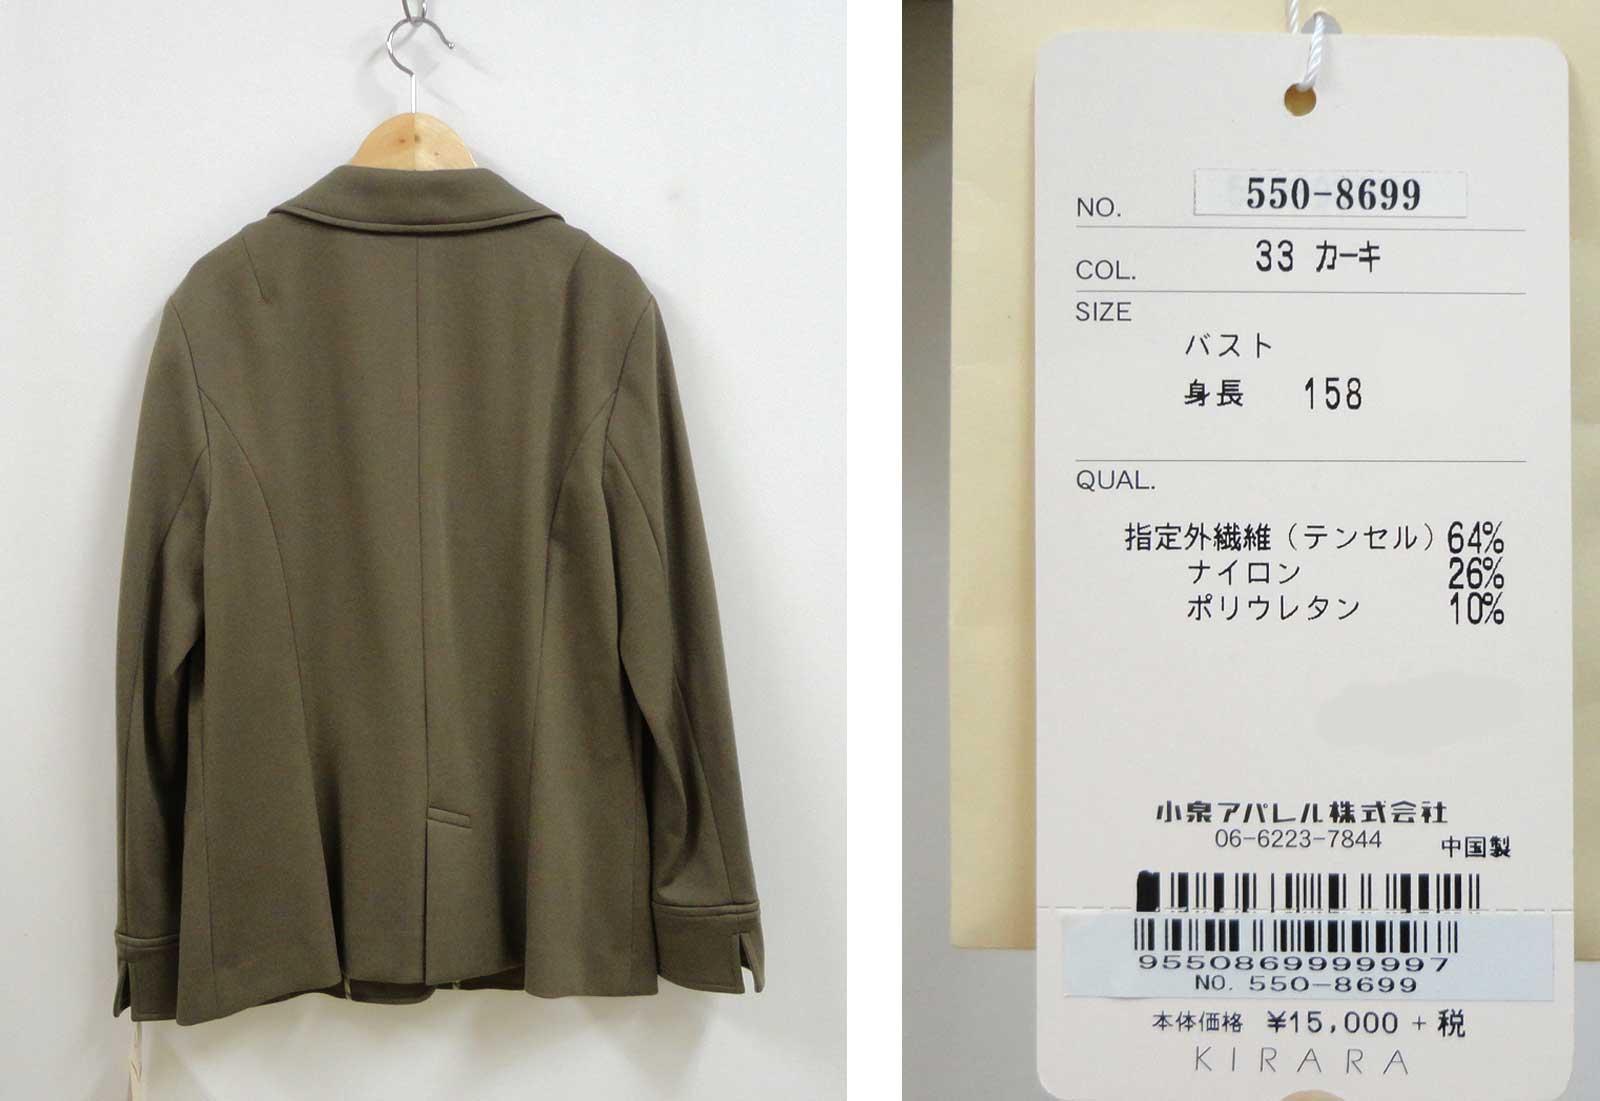 699ジャケットカーキ3